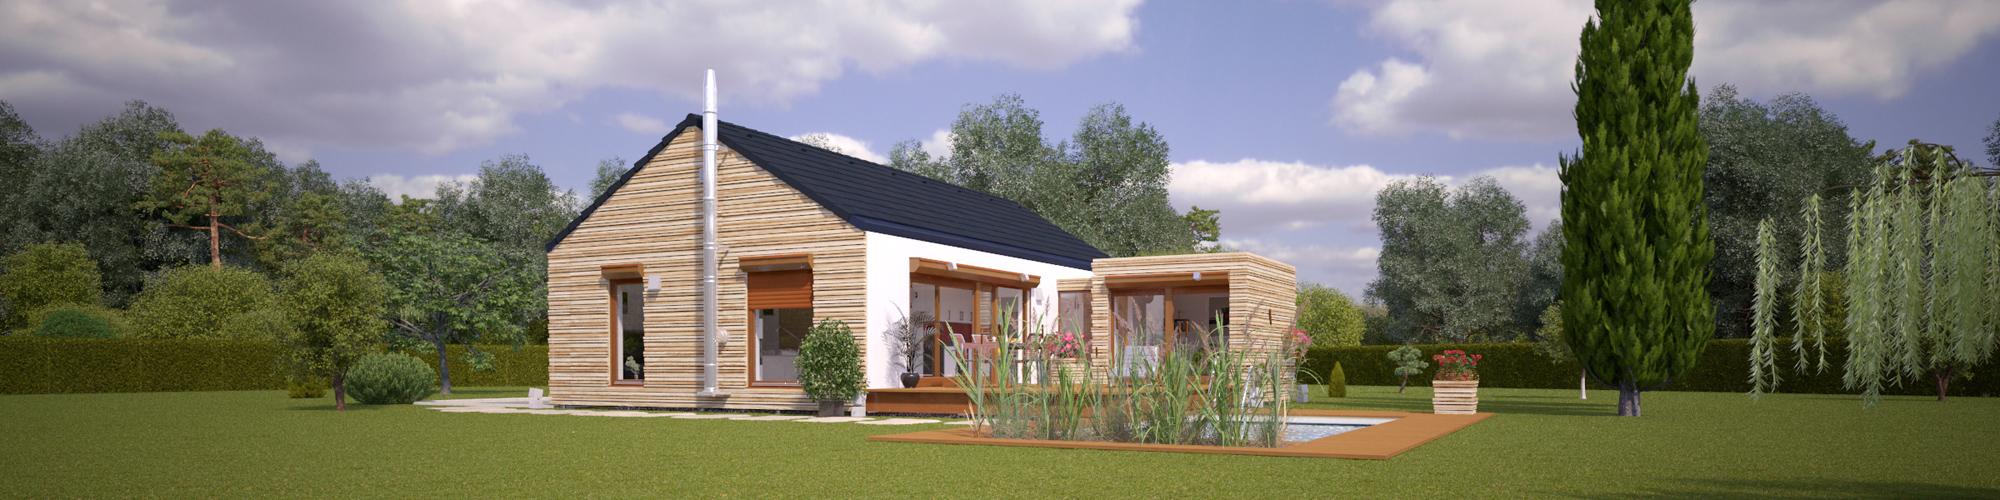 EUROPANEL domy na veletrhu Dřevostavby 2016